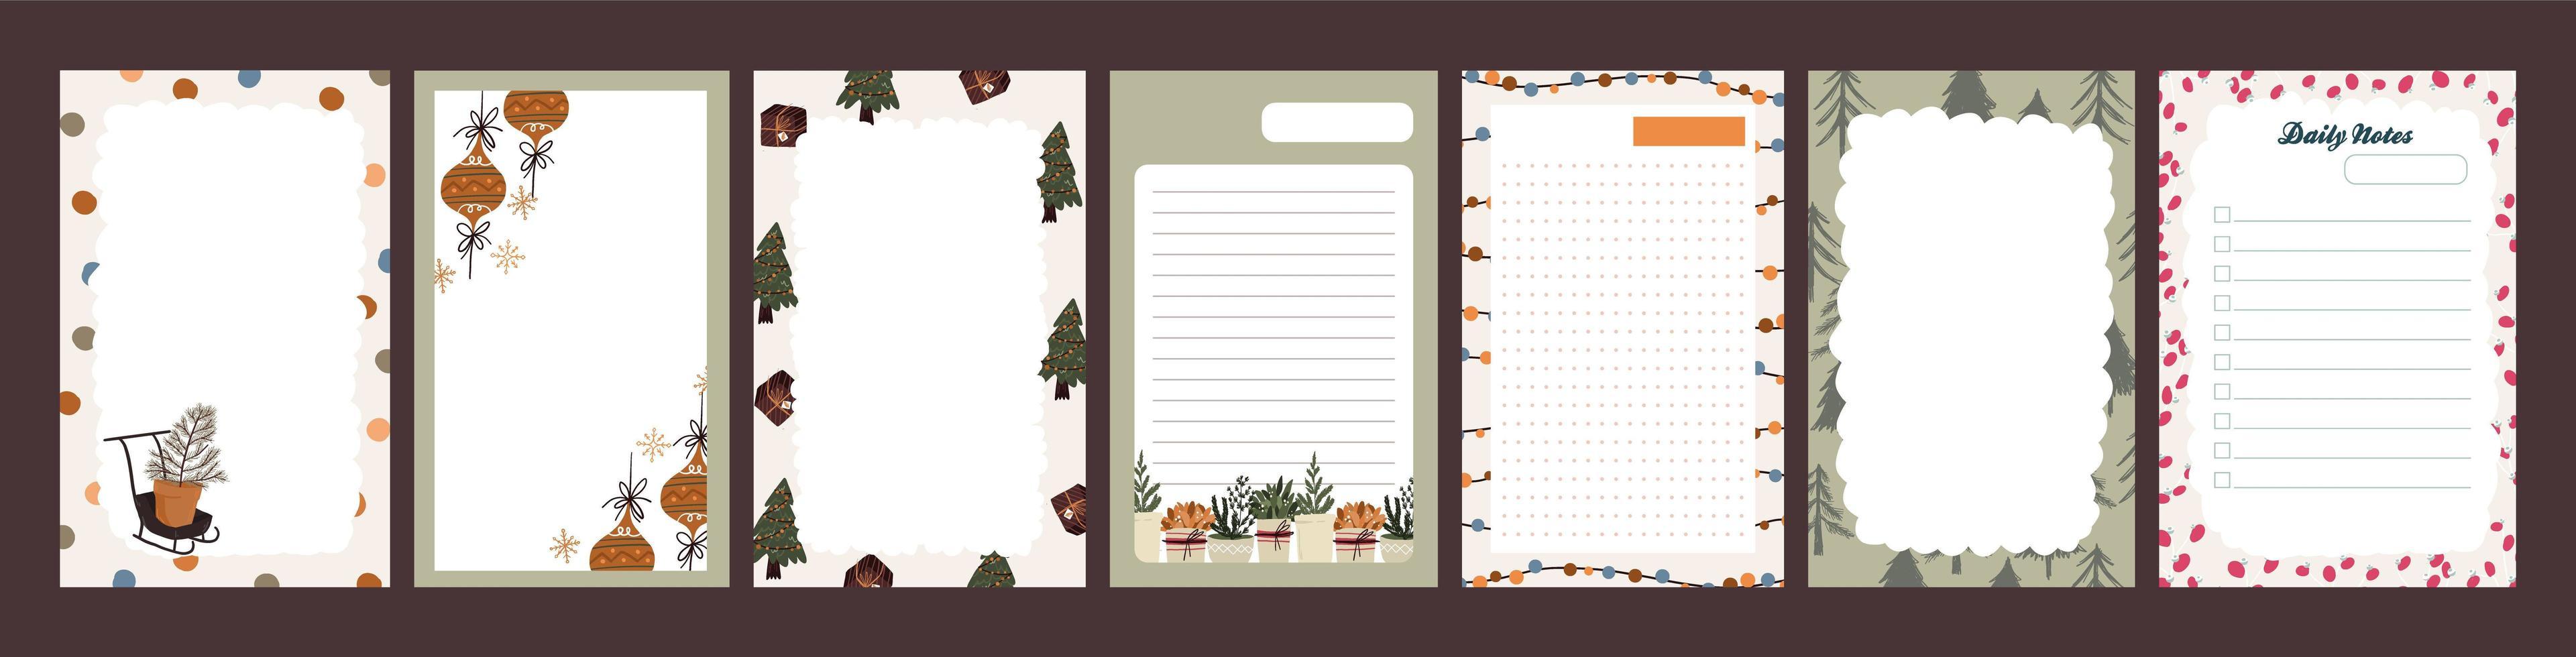 kerstvakantie dagboek, blocnote set vector